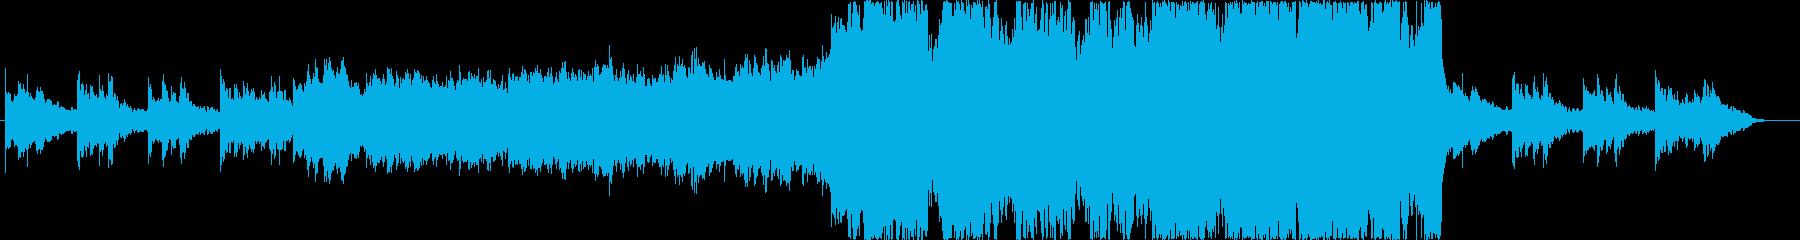 儚くも勇壮なオーケストラBGMの再生済みの波形